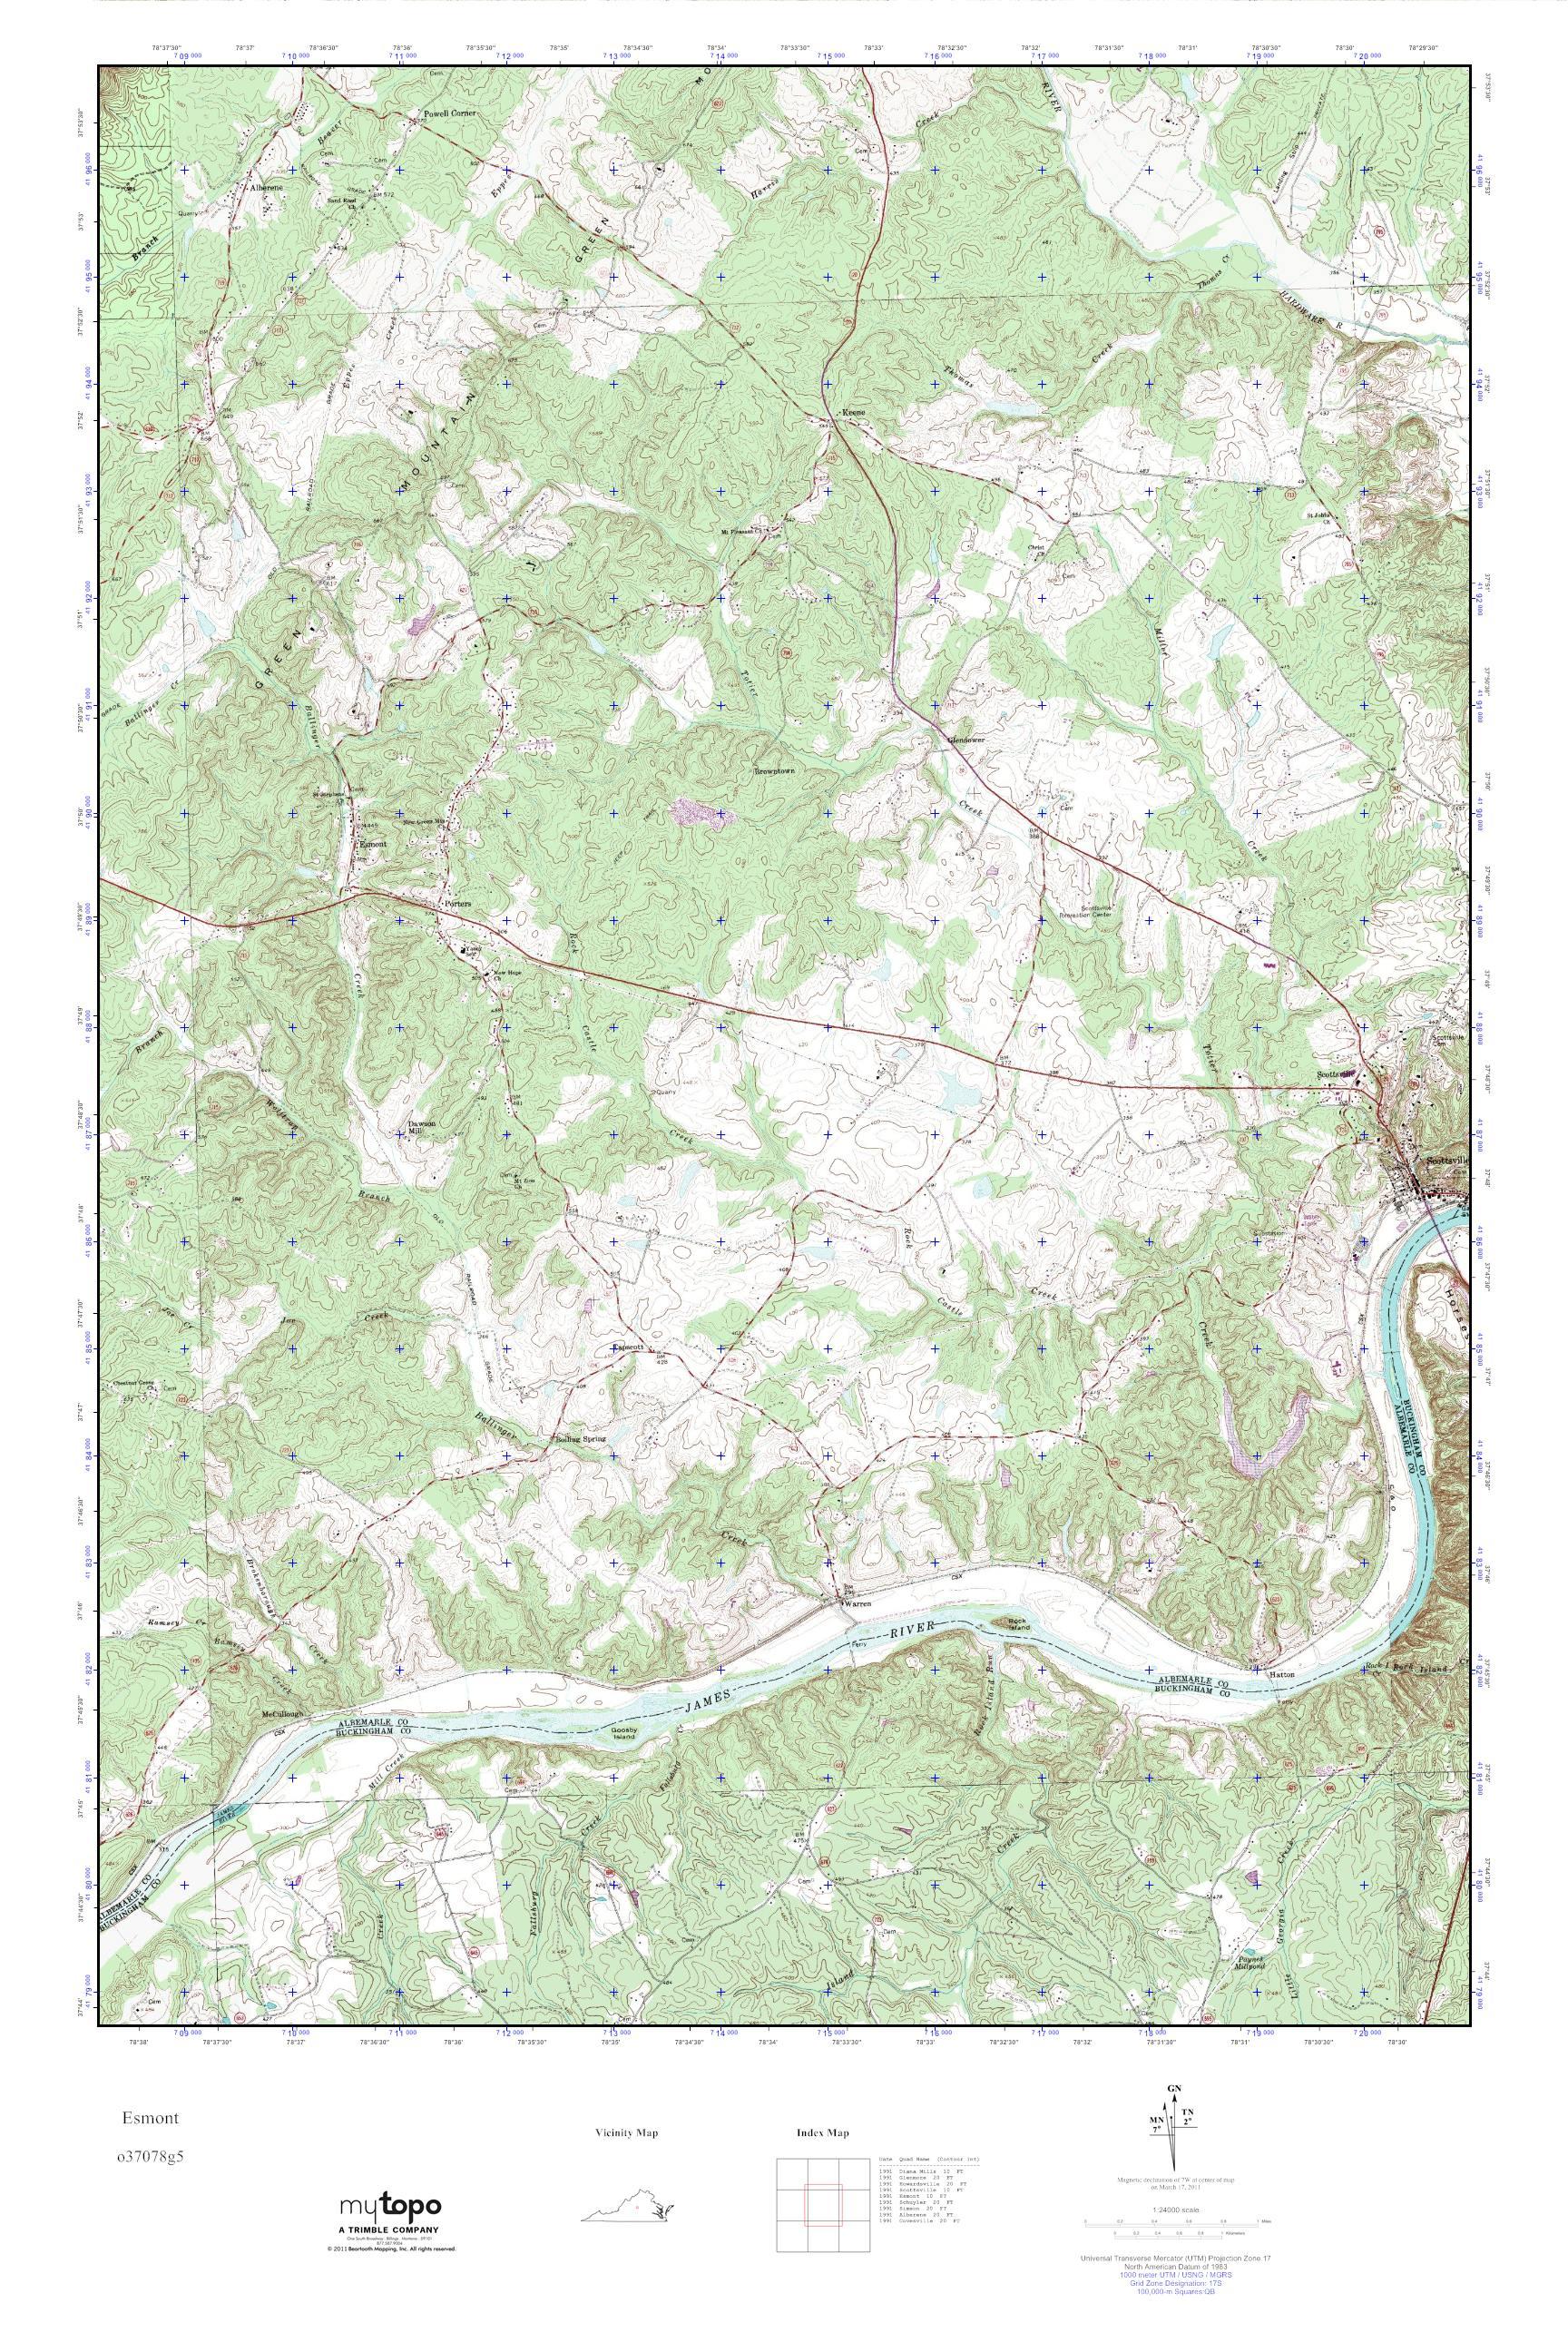 Mytopo Esmont Virginia Usgs Quad Topo Map